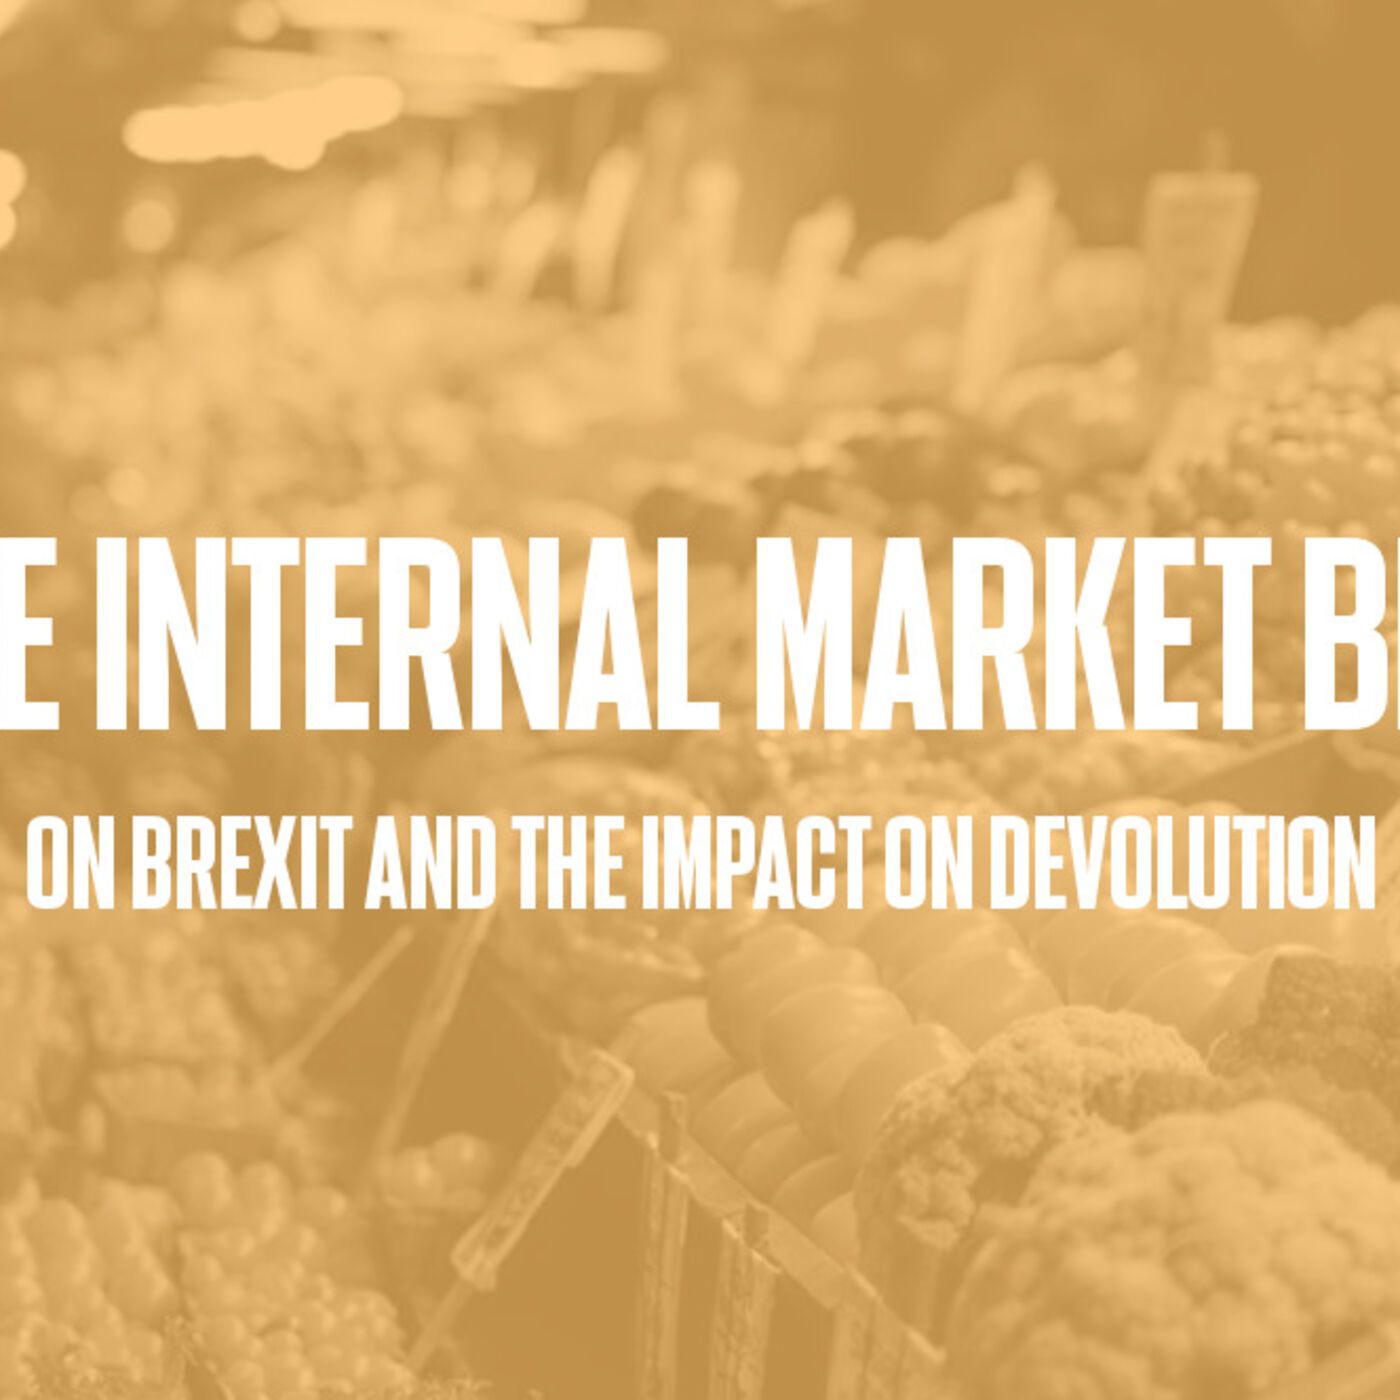 Episode #62 - The Internal Market Bill